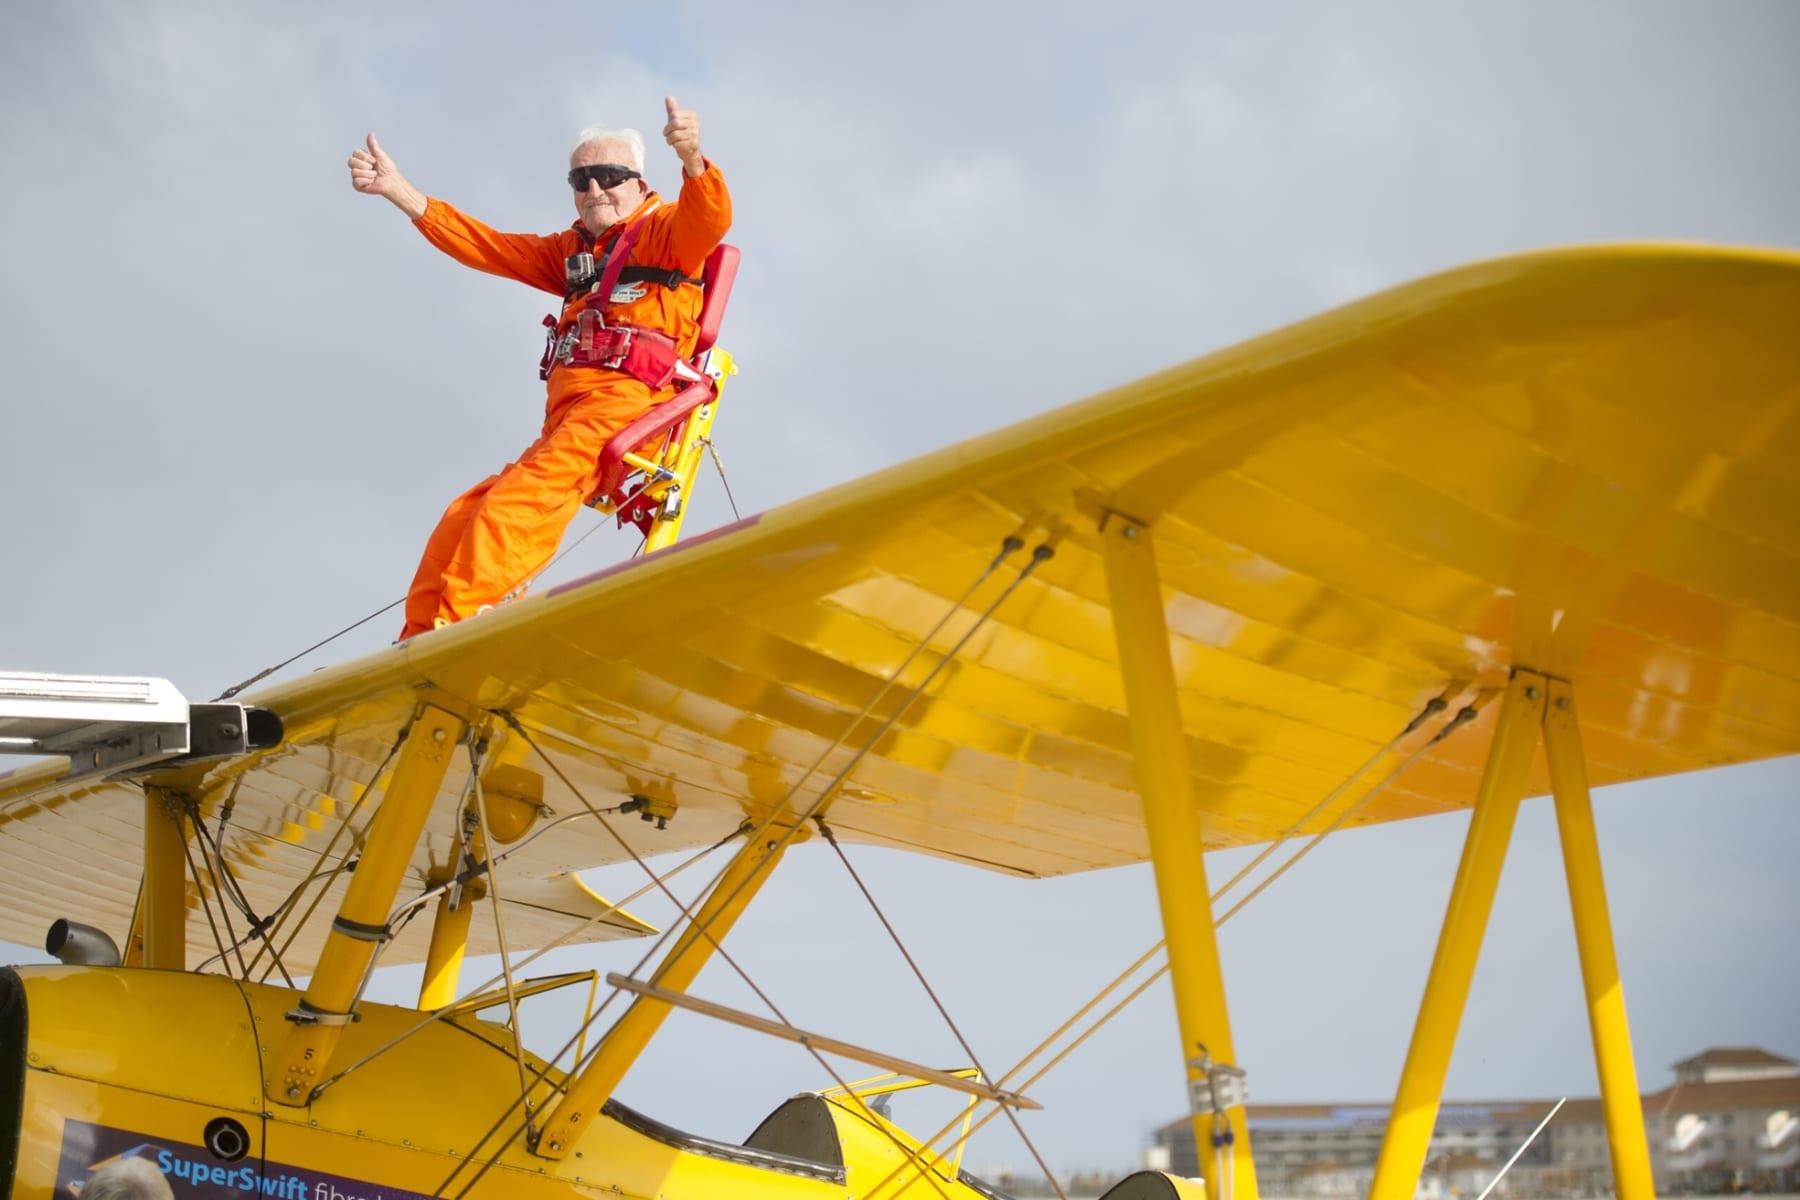 tom-lackey-acrobata-aereo-de-94-anos-en-gibraltar-10102014-11_15329586058_o